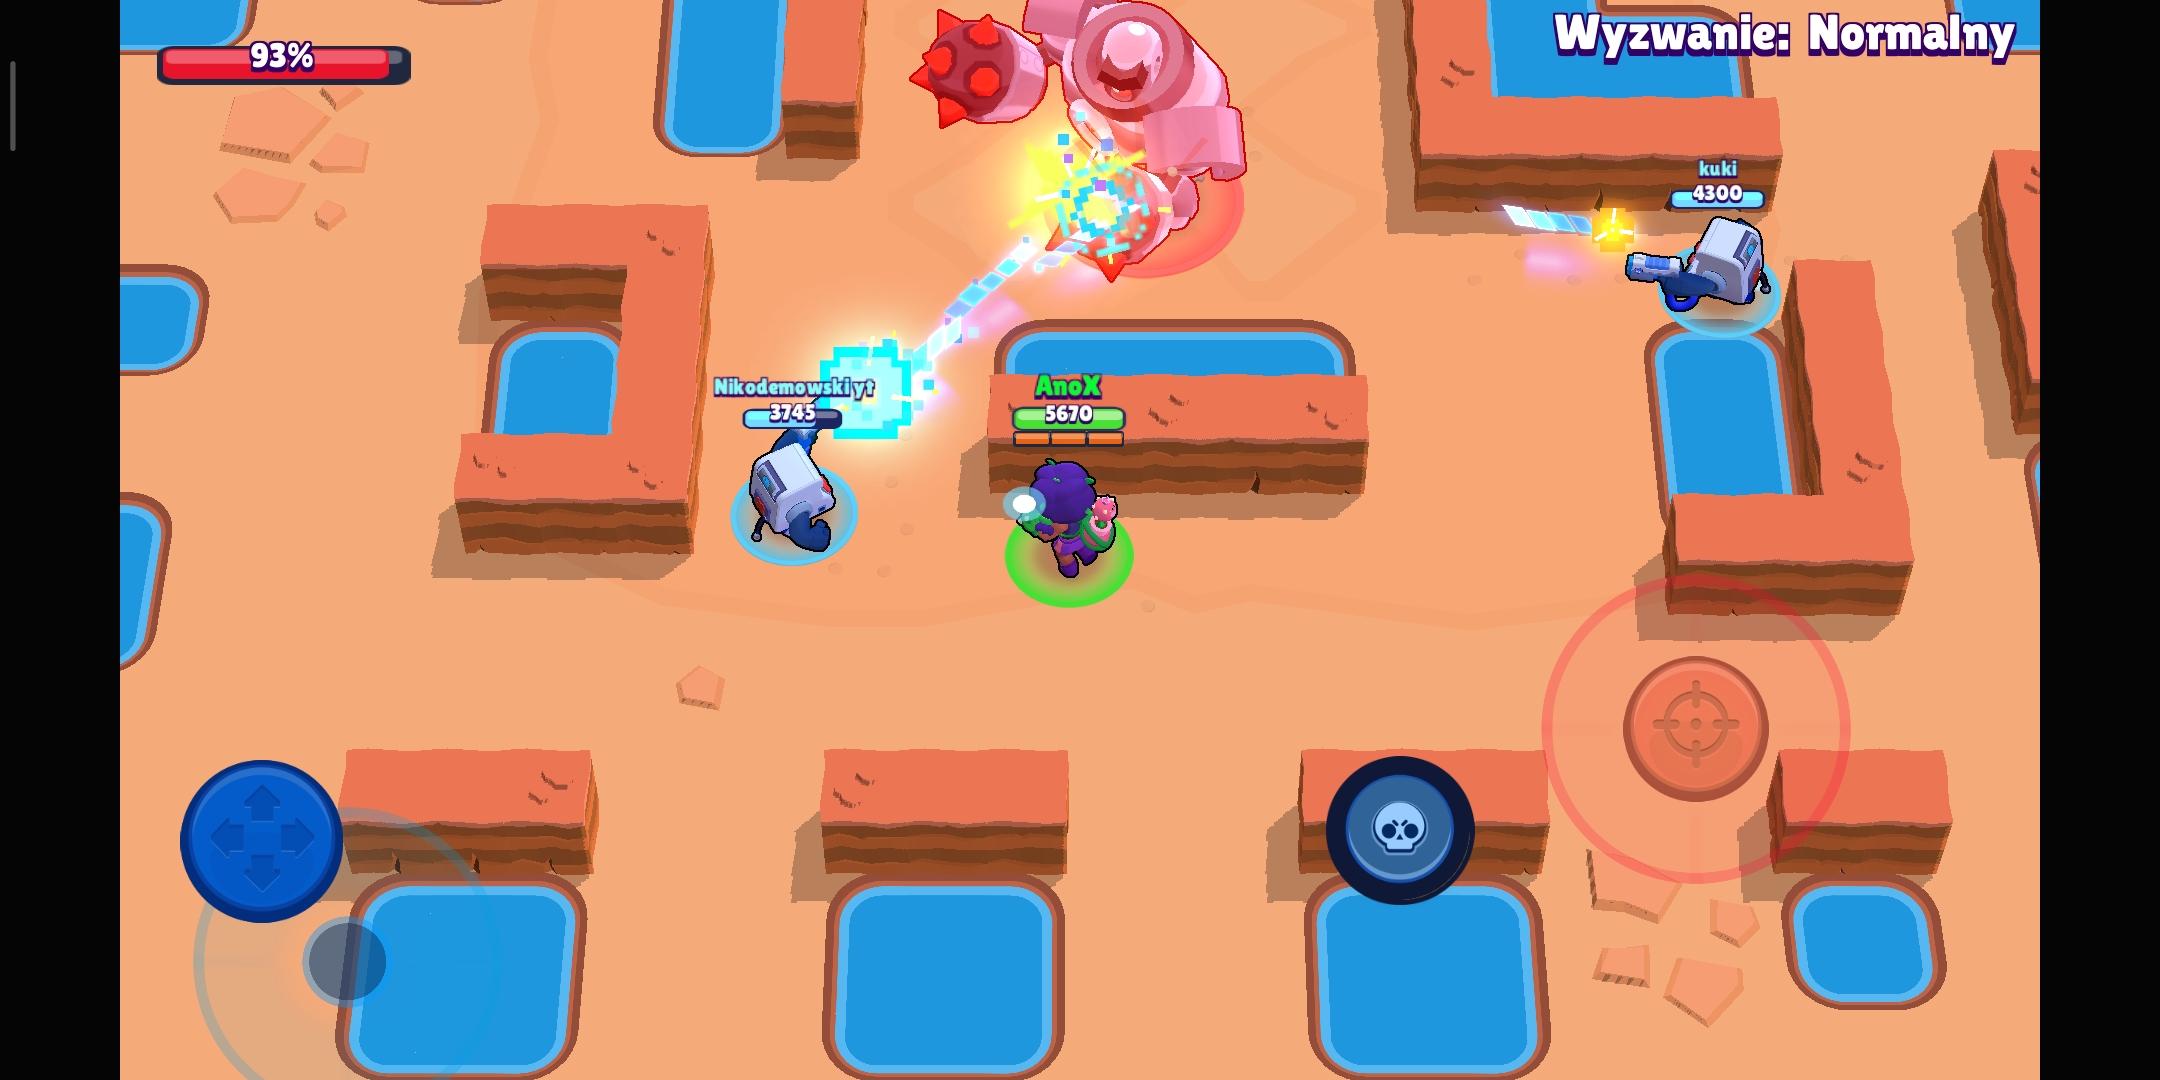 Screenshot_2020_02_01_10_13_23_534_com.supercell.brawlstars_1